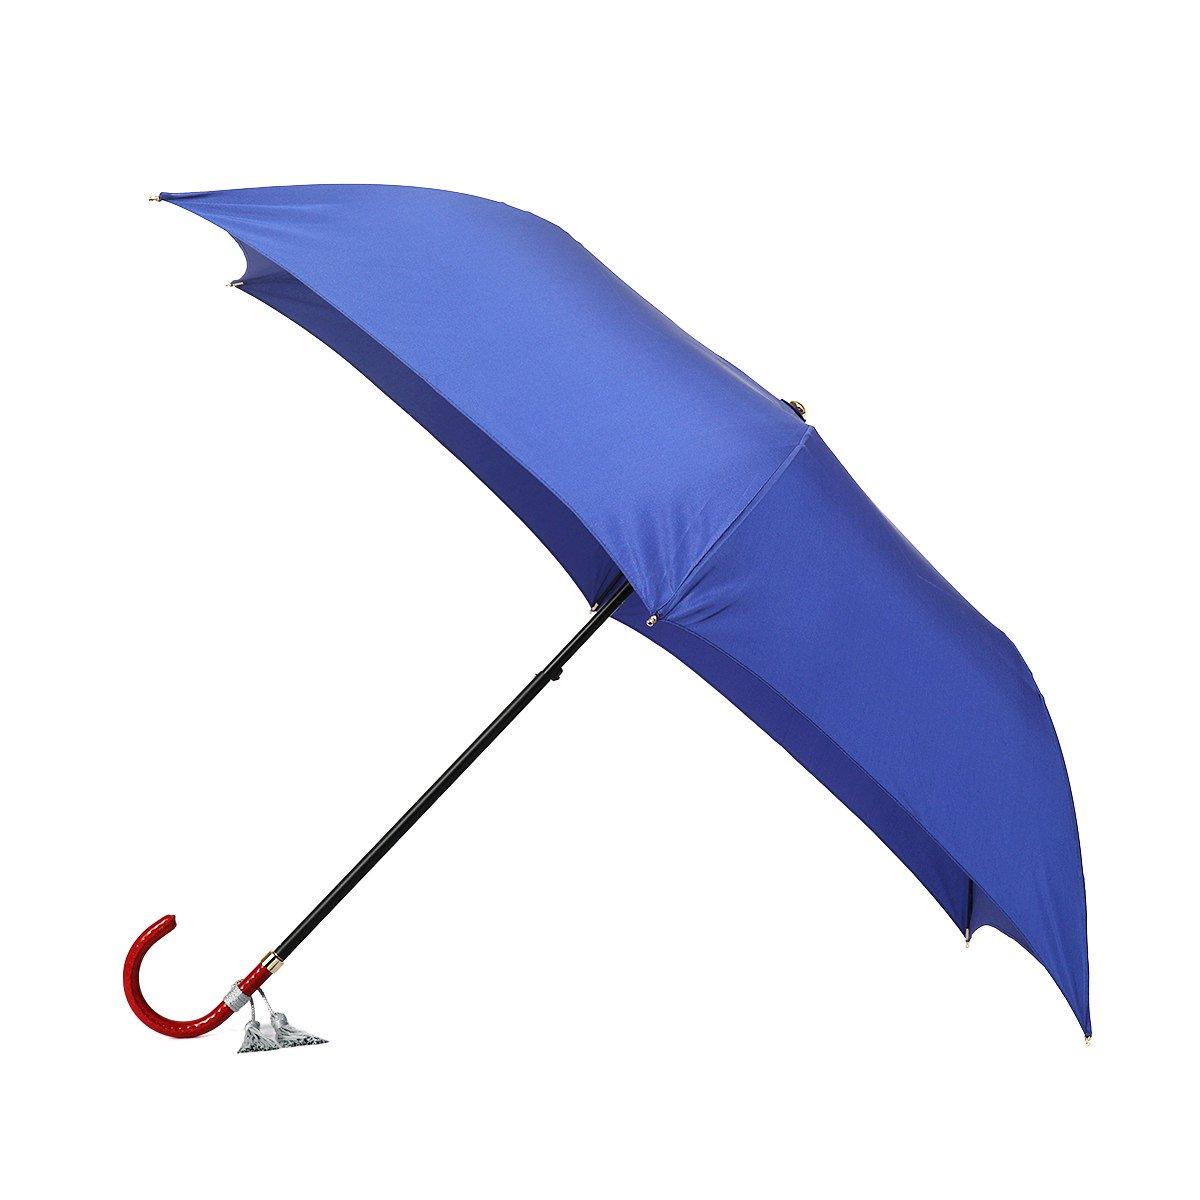 東京ノーブル 無地 折りたたみ傘 詳細画像9